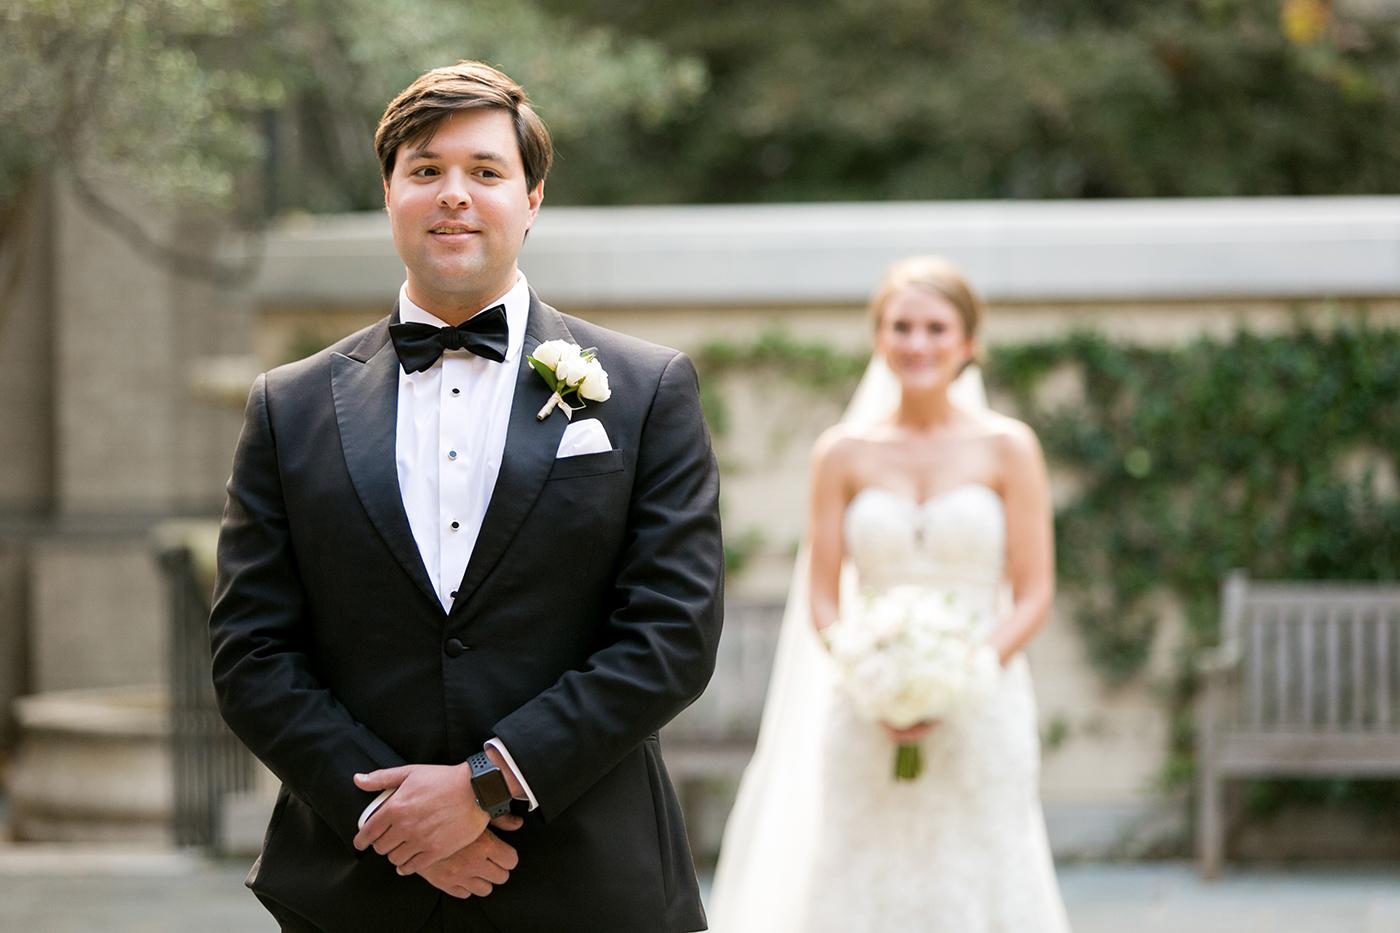 Dallas Wedding Planner - Allday Events - Classic Wedding at Dallas Scottish Rite - 241.jpg